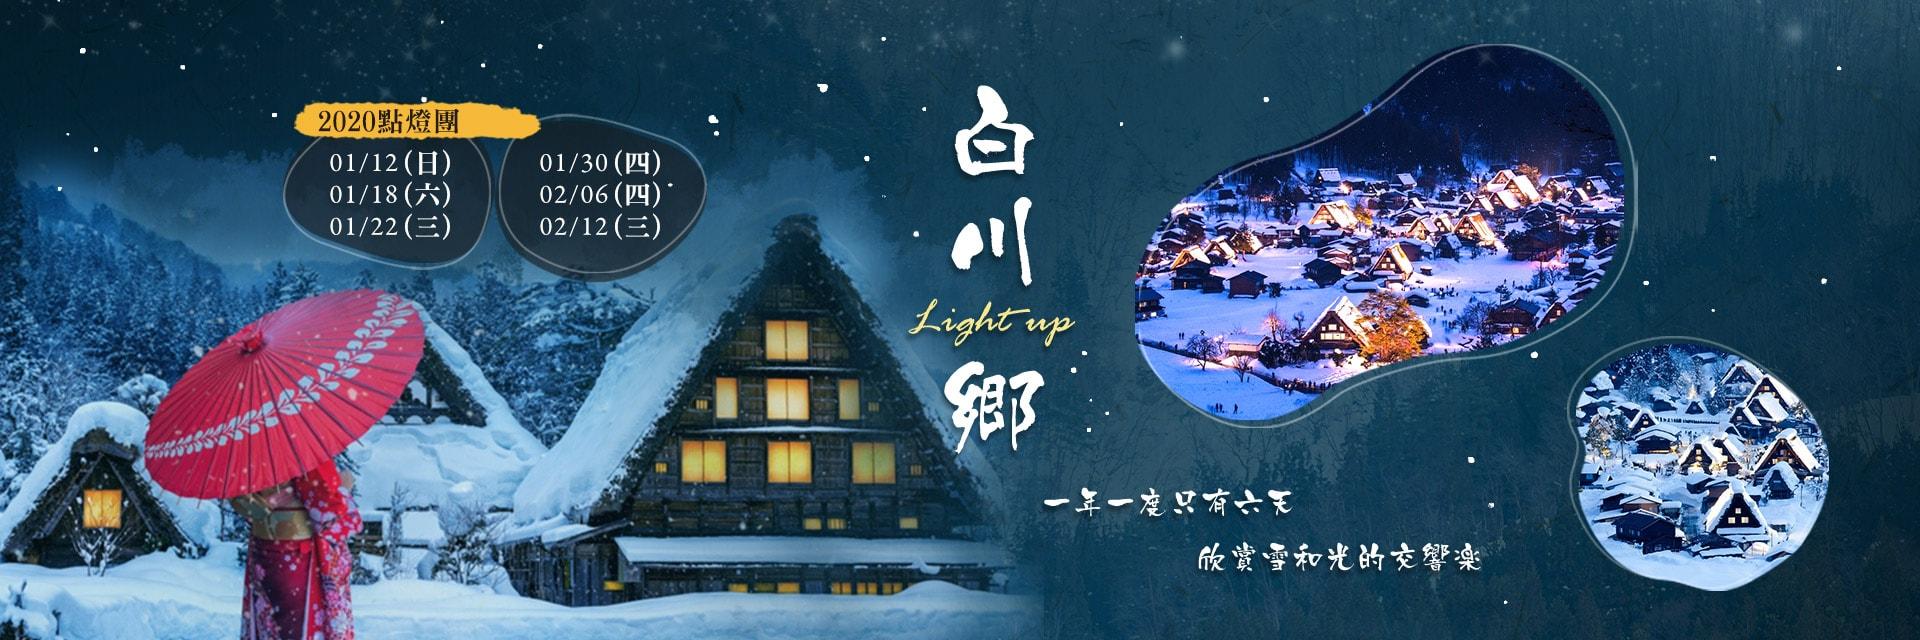 日本北陸,合掌村,點燈,冬季旅遊,冬季限定